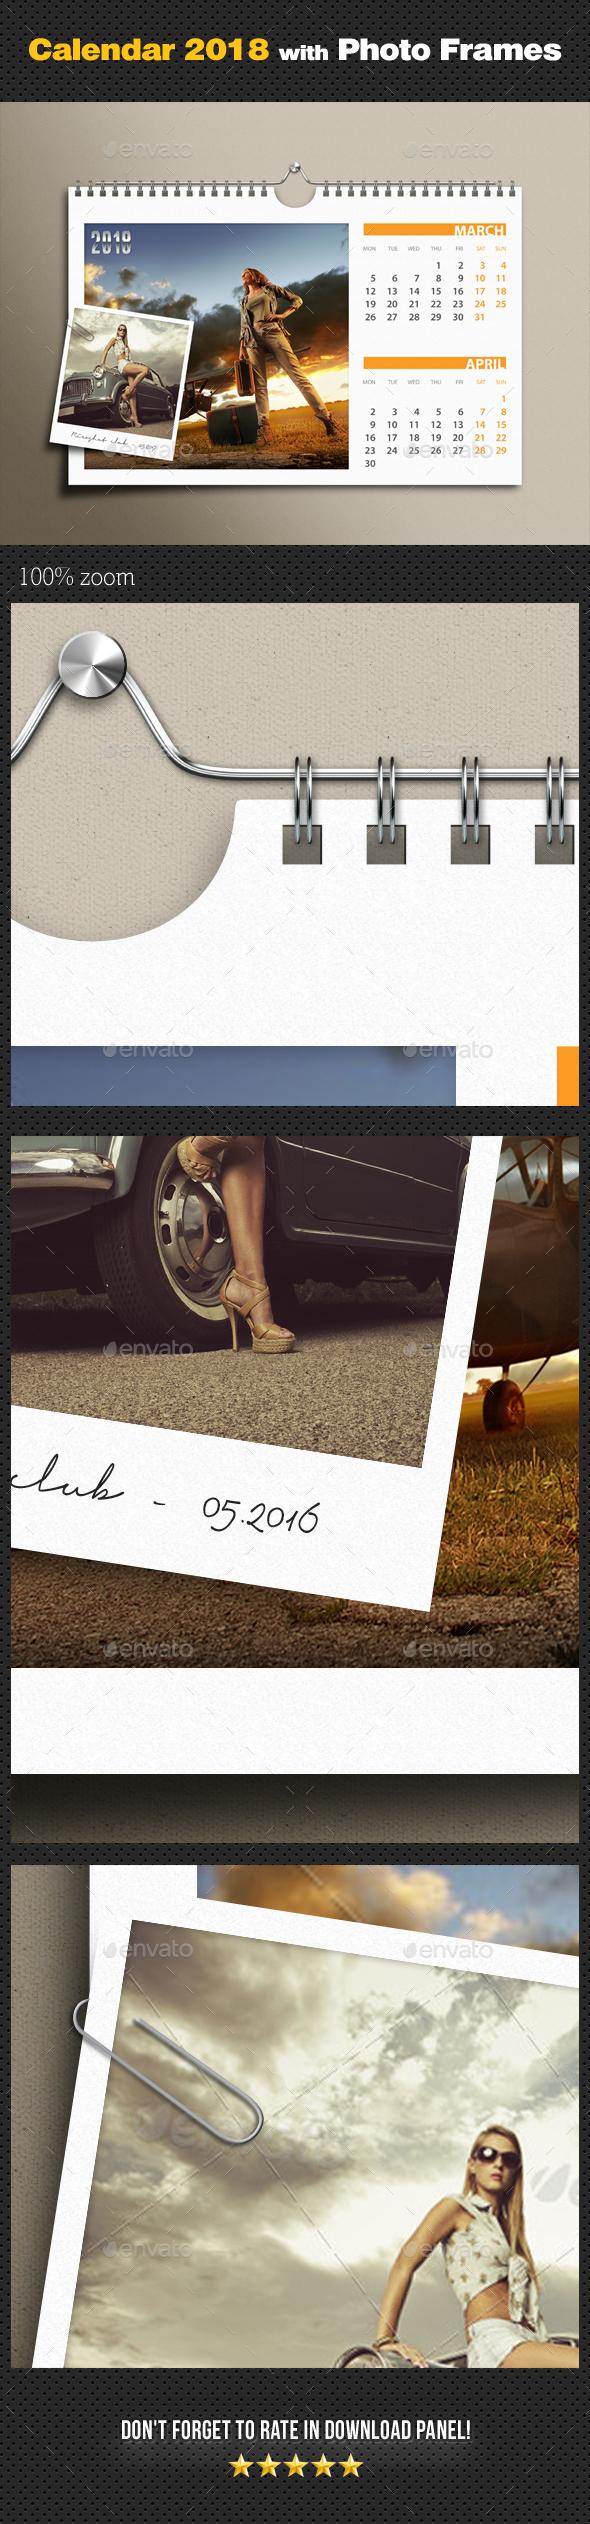 Customizable Calendar 2018 Photo Frame v02 - Miscellaneous Photo Templates